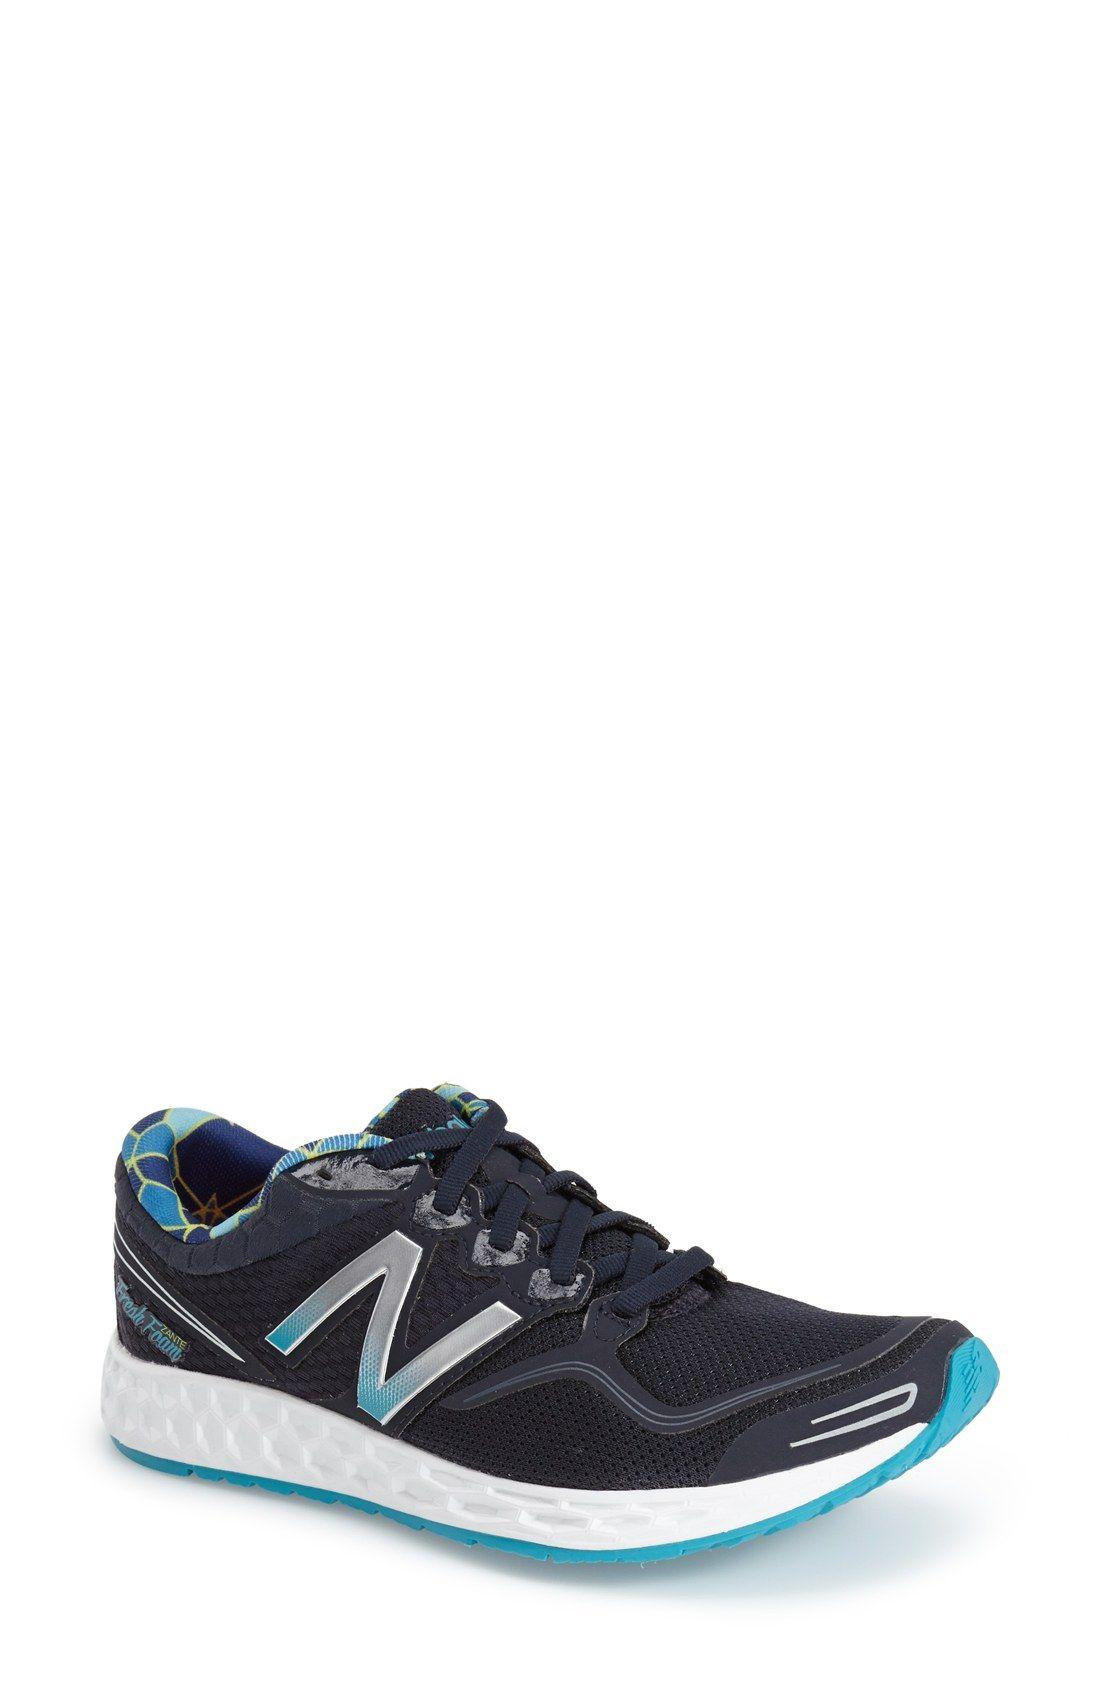 New Balance 1980 Zapatillas de correr